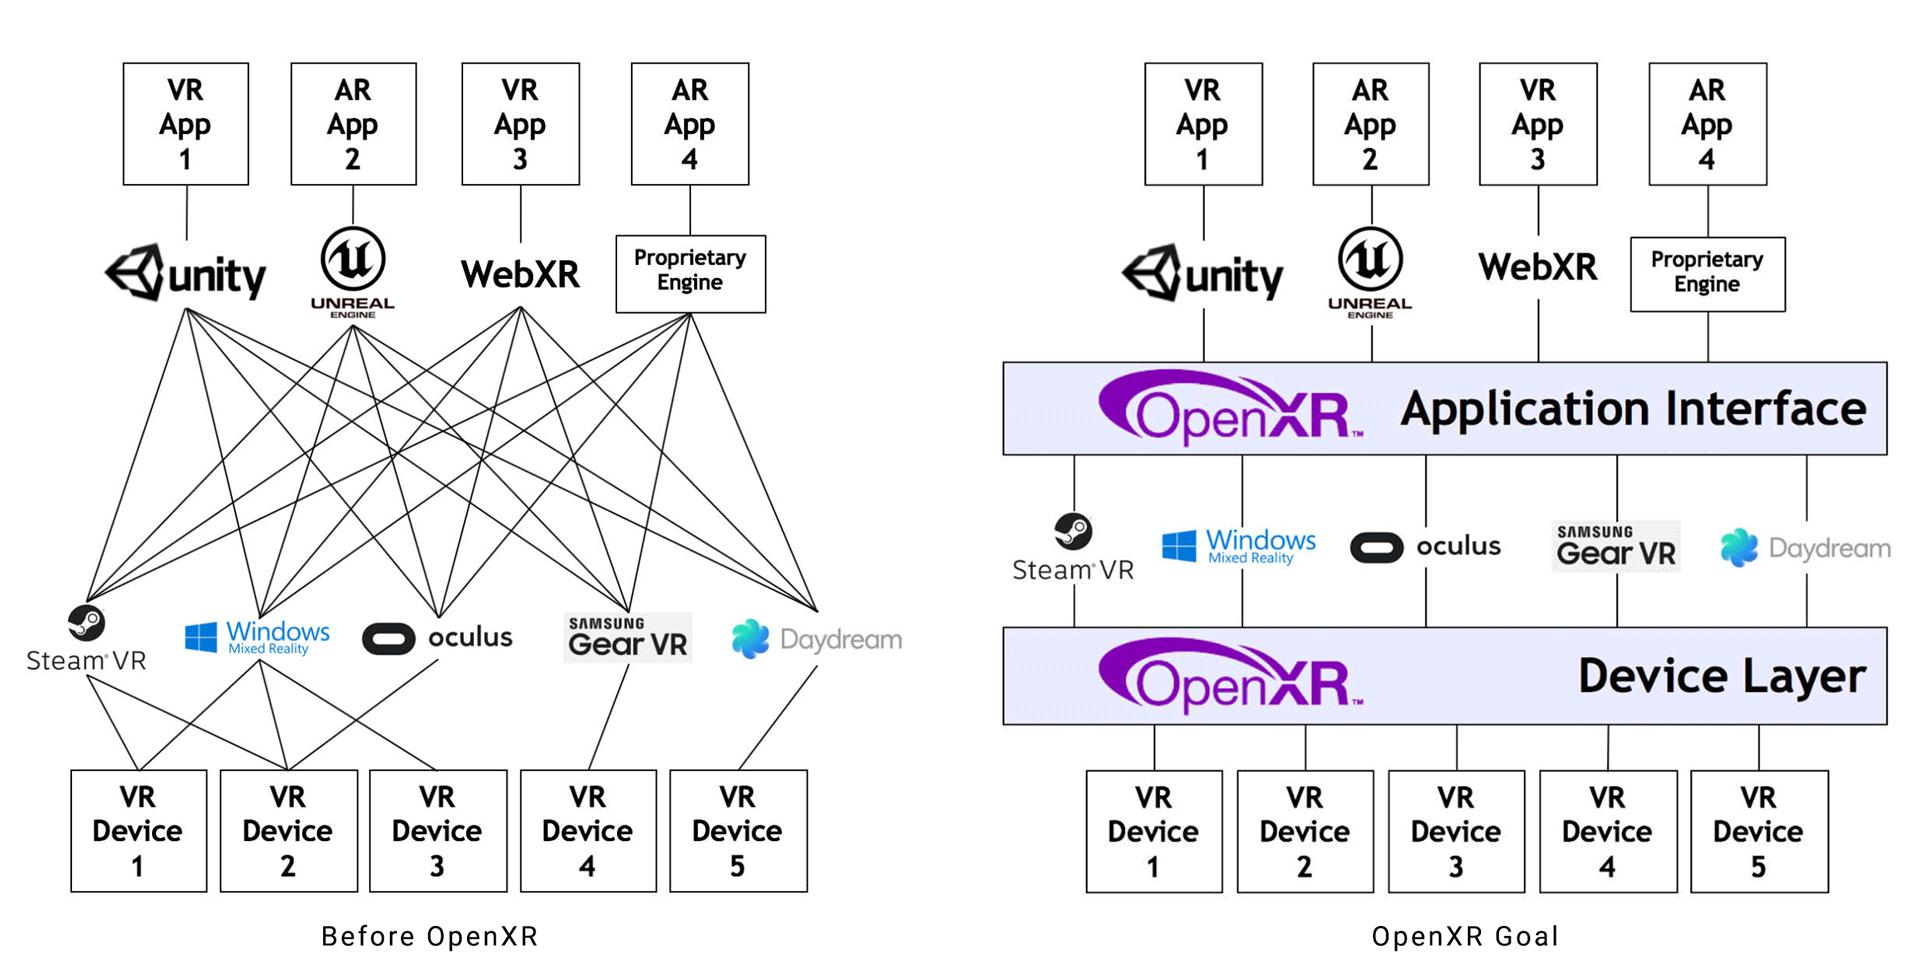 Oculus Quest có thể được thử nghiệm hỗ trợ sử dụng nền tảng OpenXR